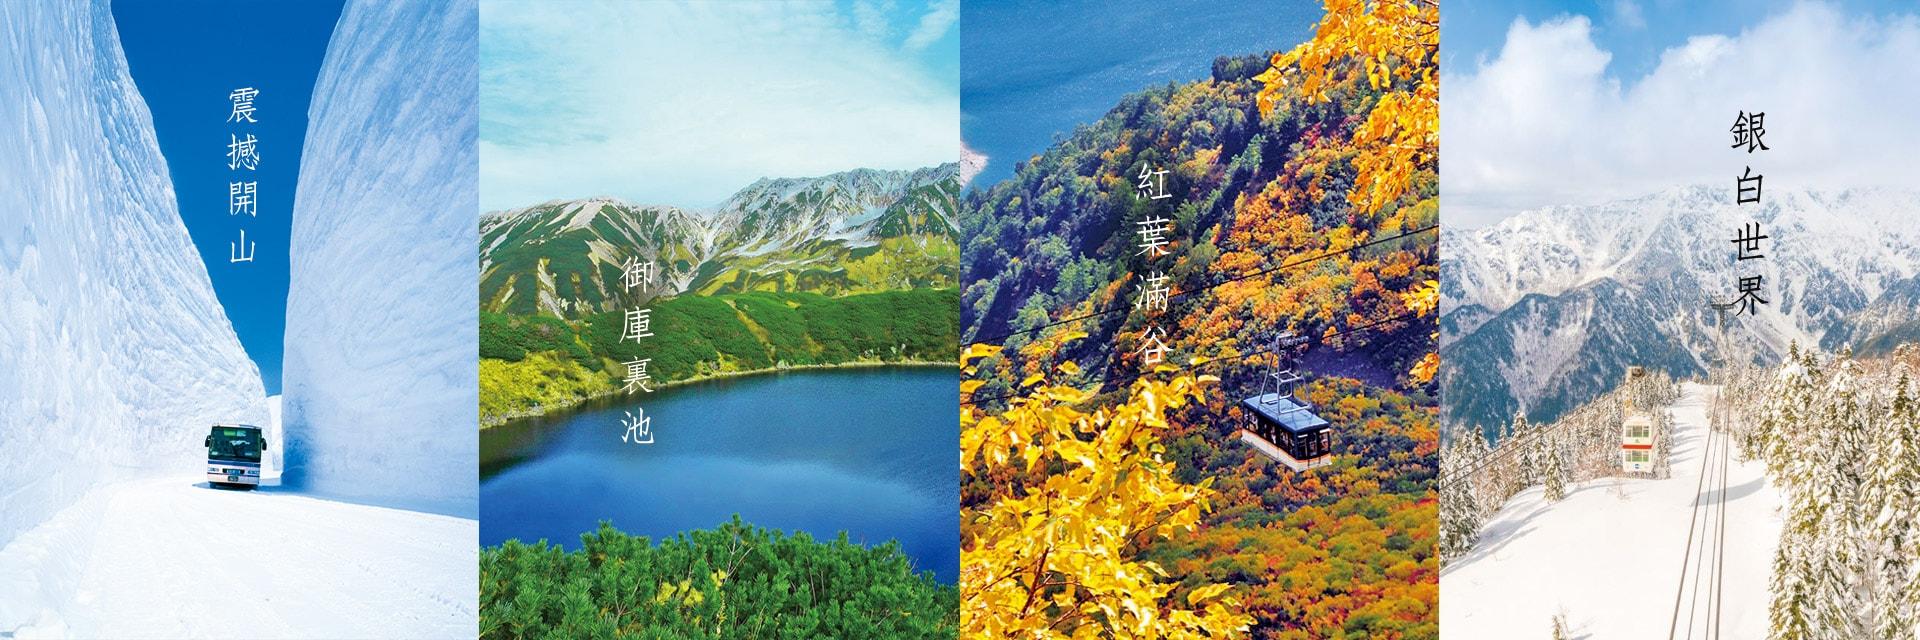 上順旅行社、日本旅遊、北陸、立山黑部